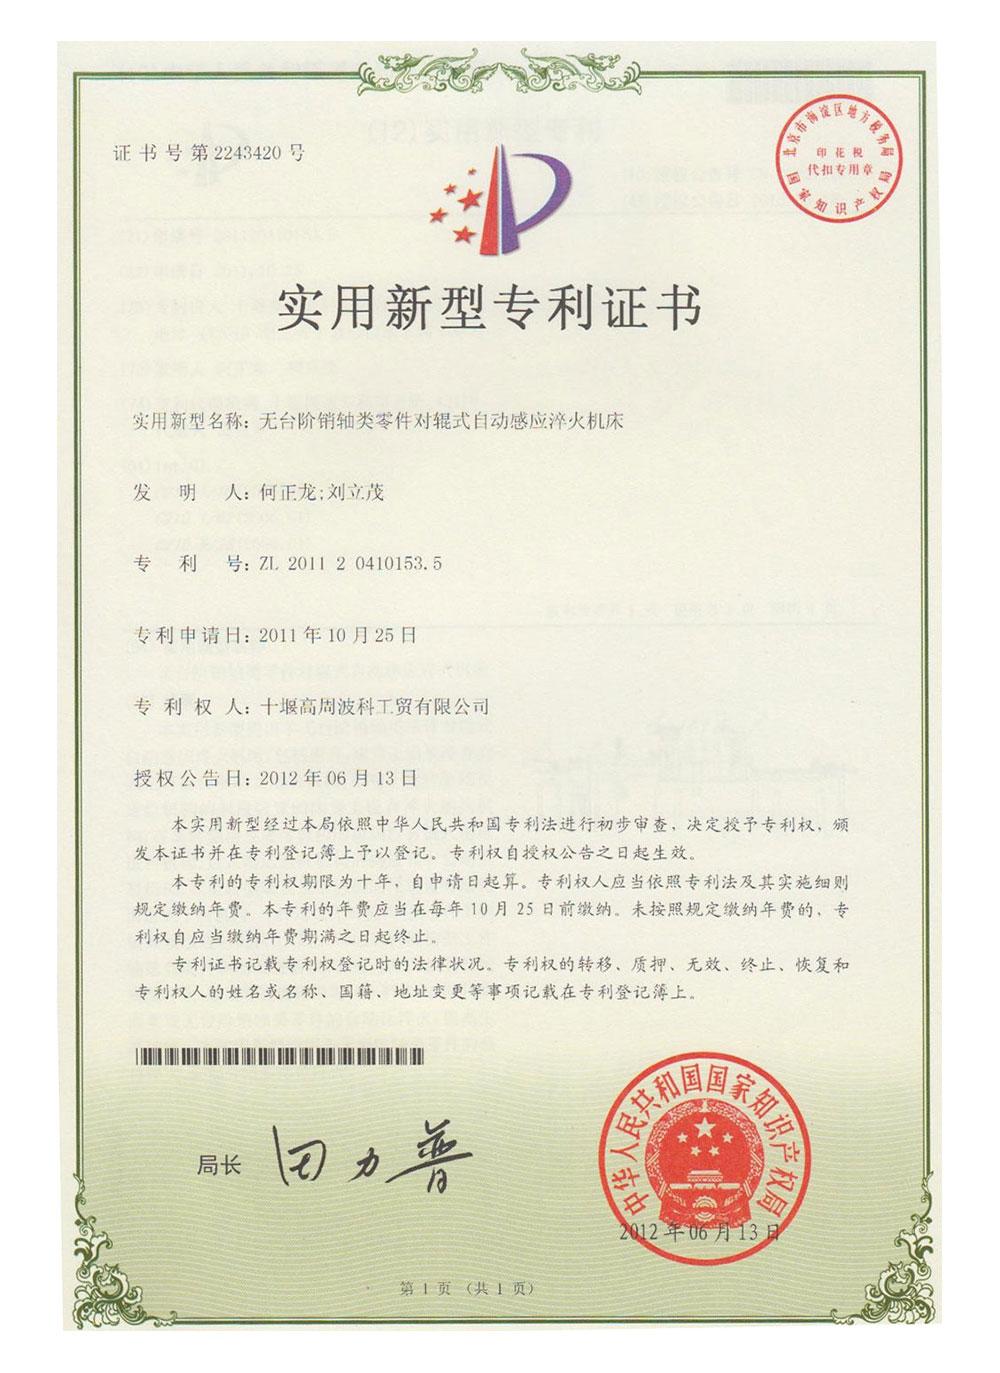 无台阶销轴类零件对锟式自动雷竞技官网雷竞技官网下载机床专利